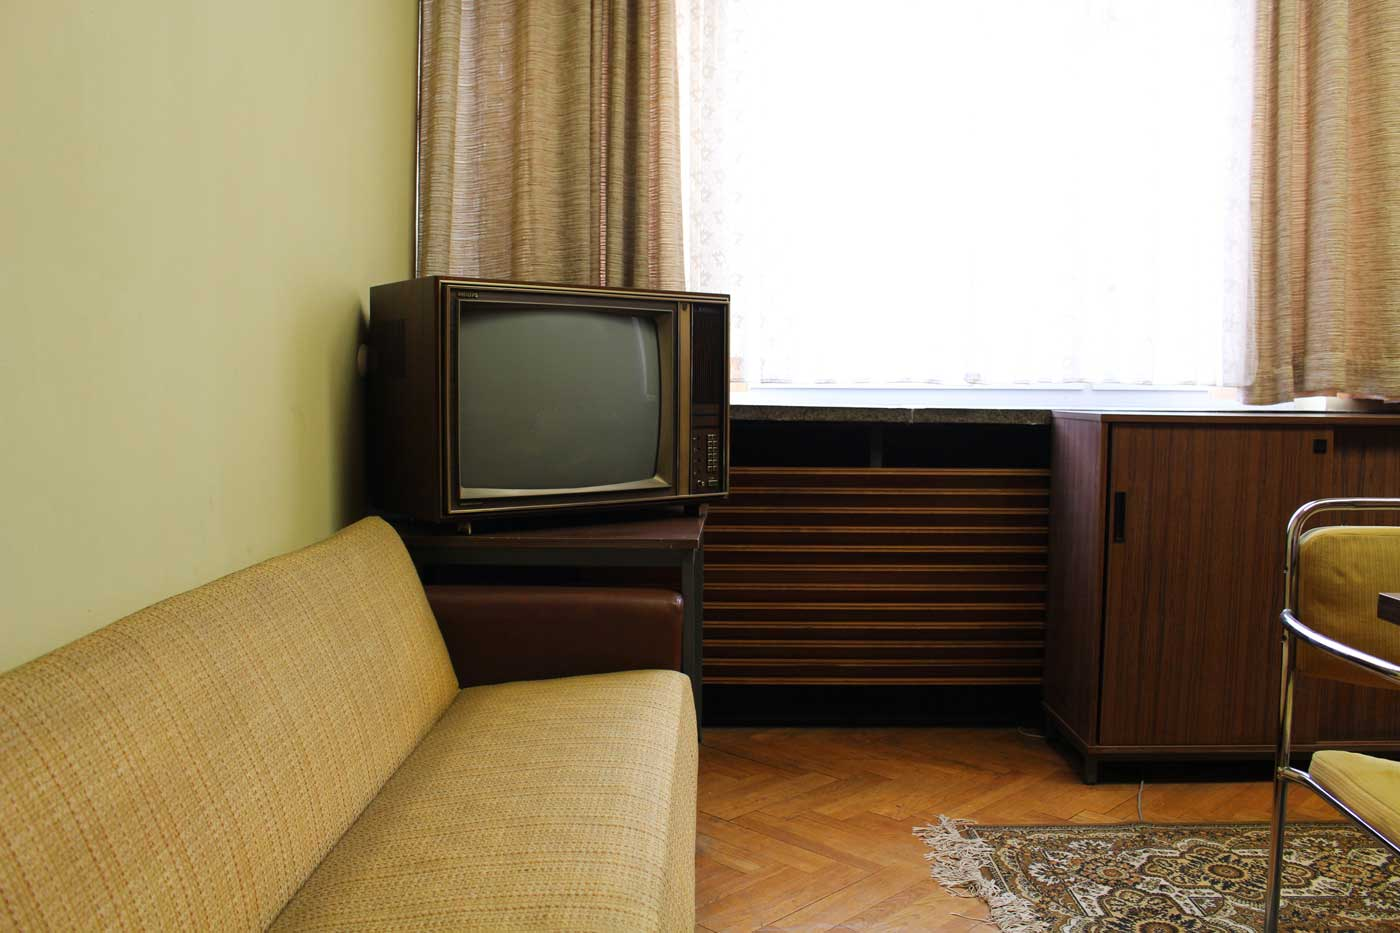 TV Far from Dead as an Ad Medium